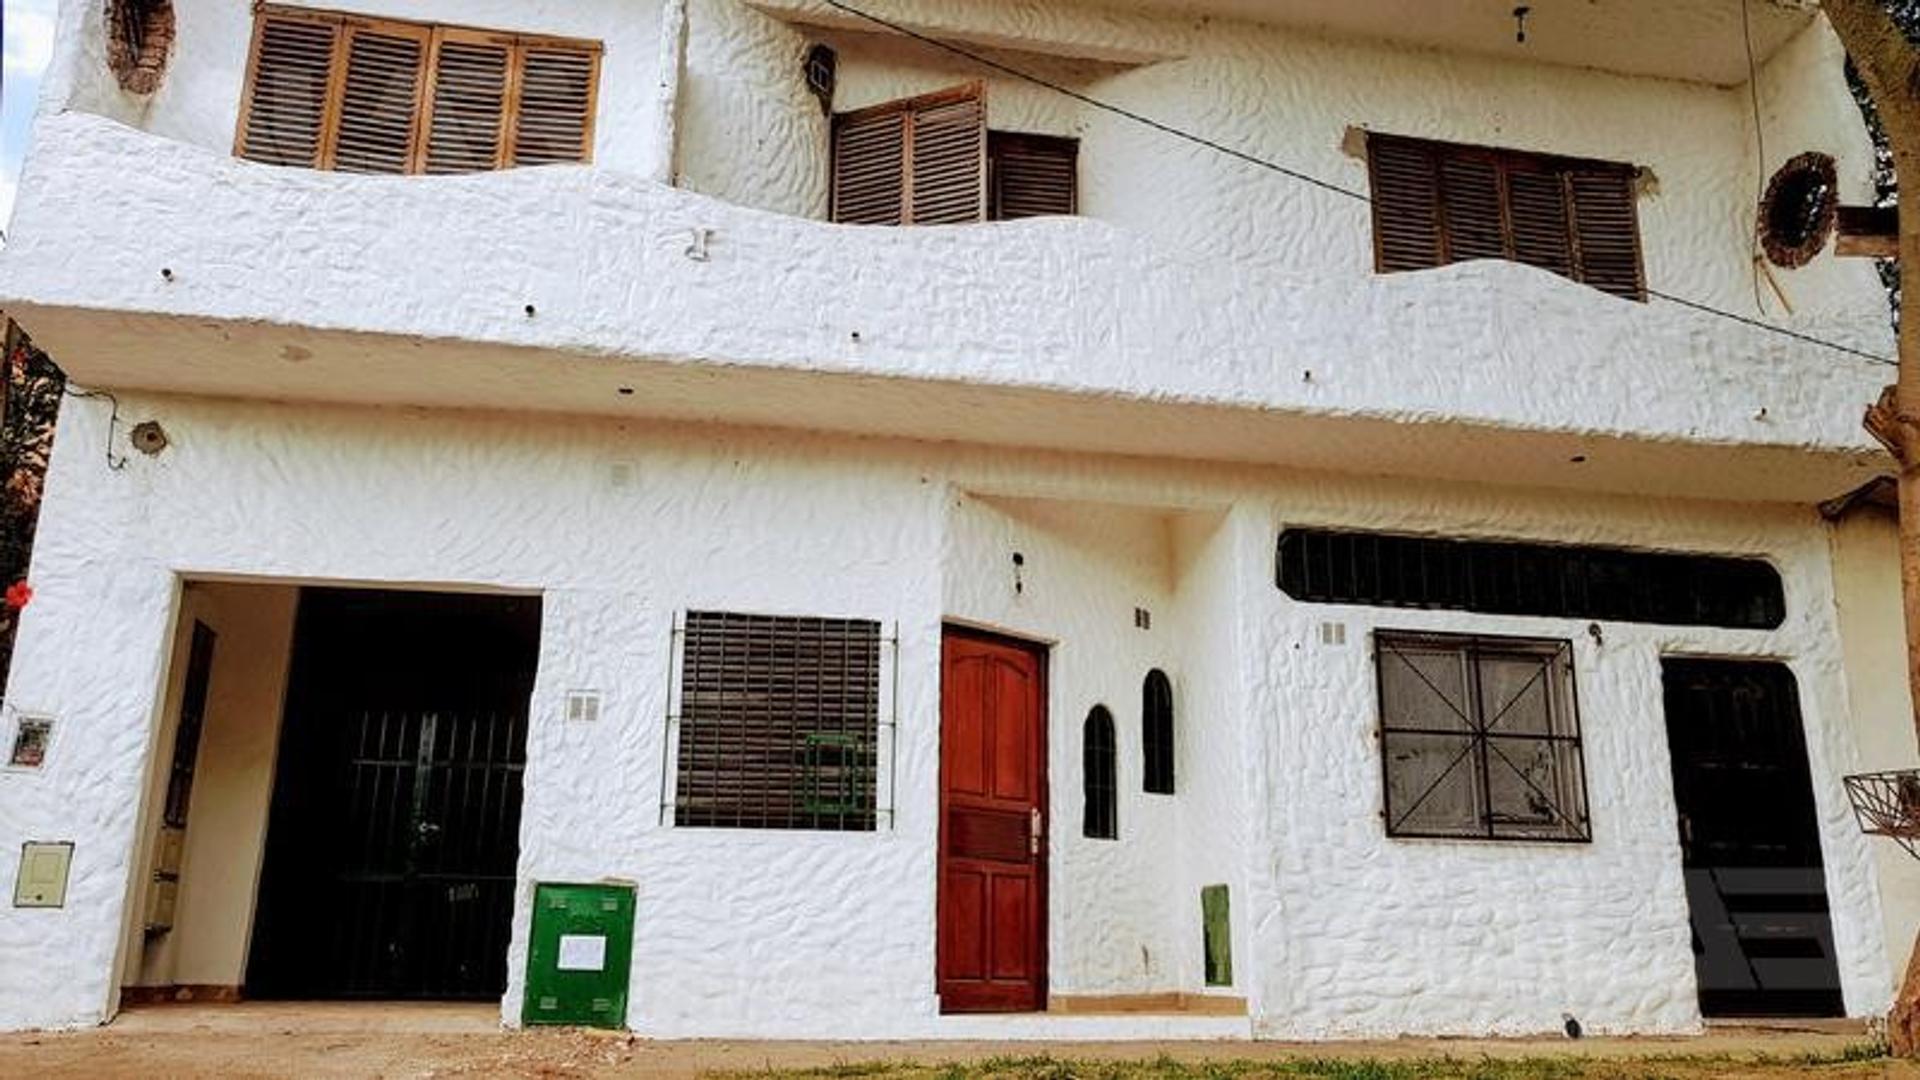 Departamento 2 ambientes con terraza. Financia dueño